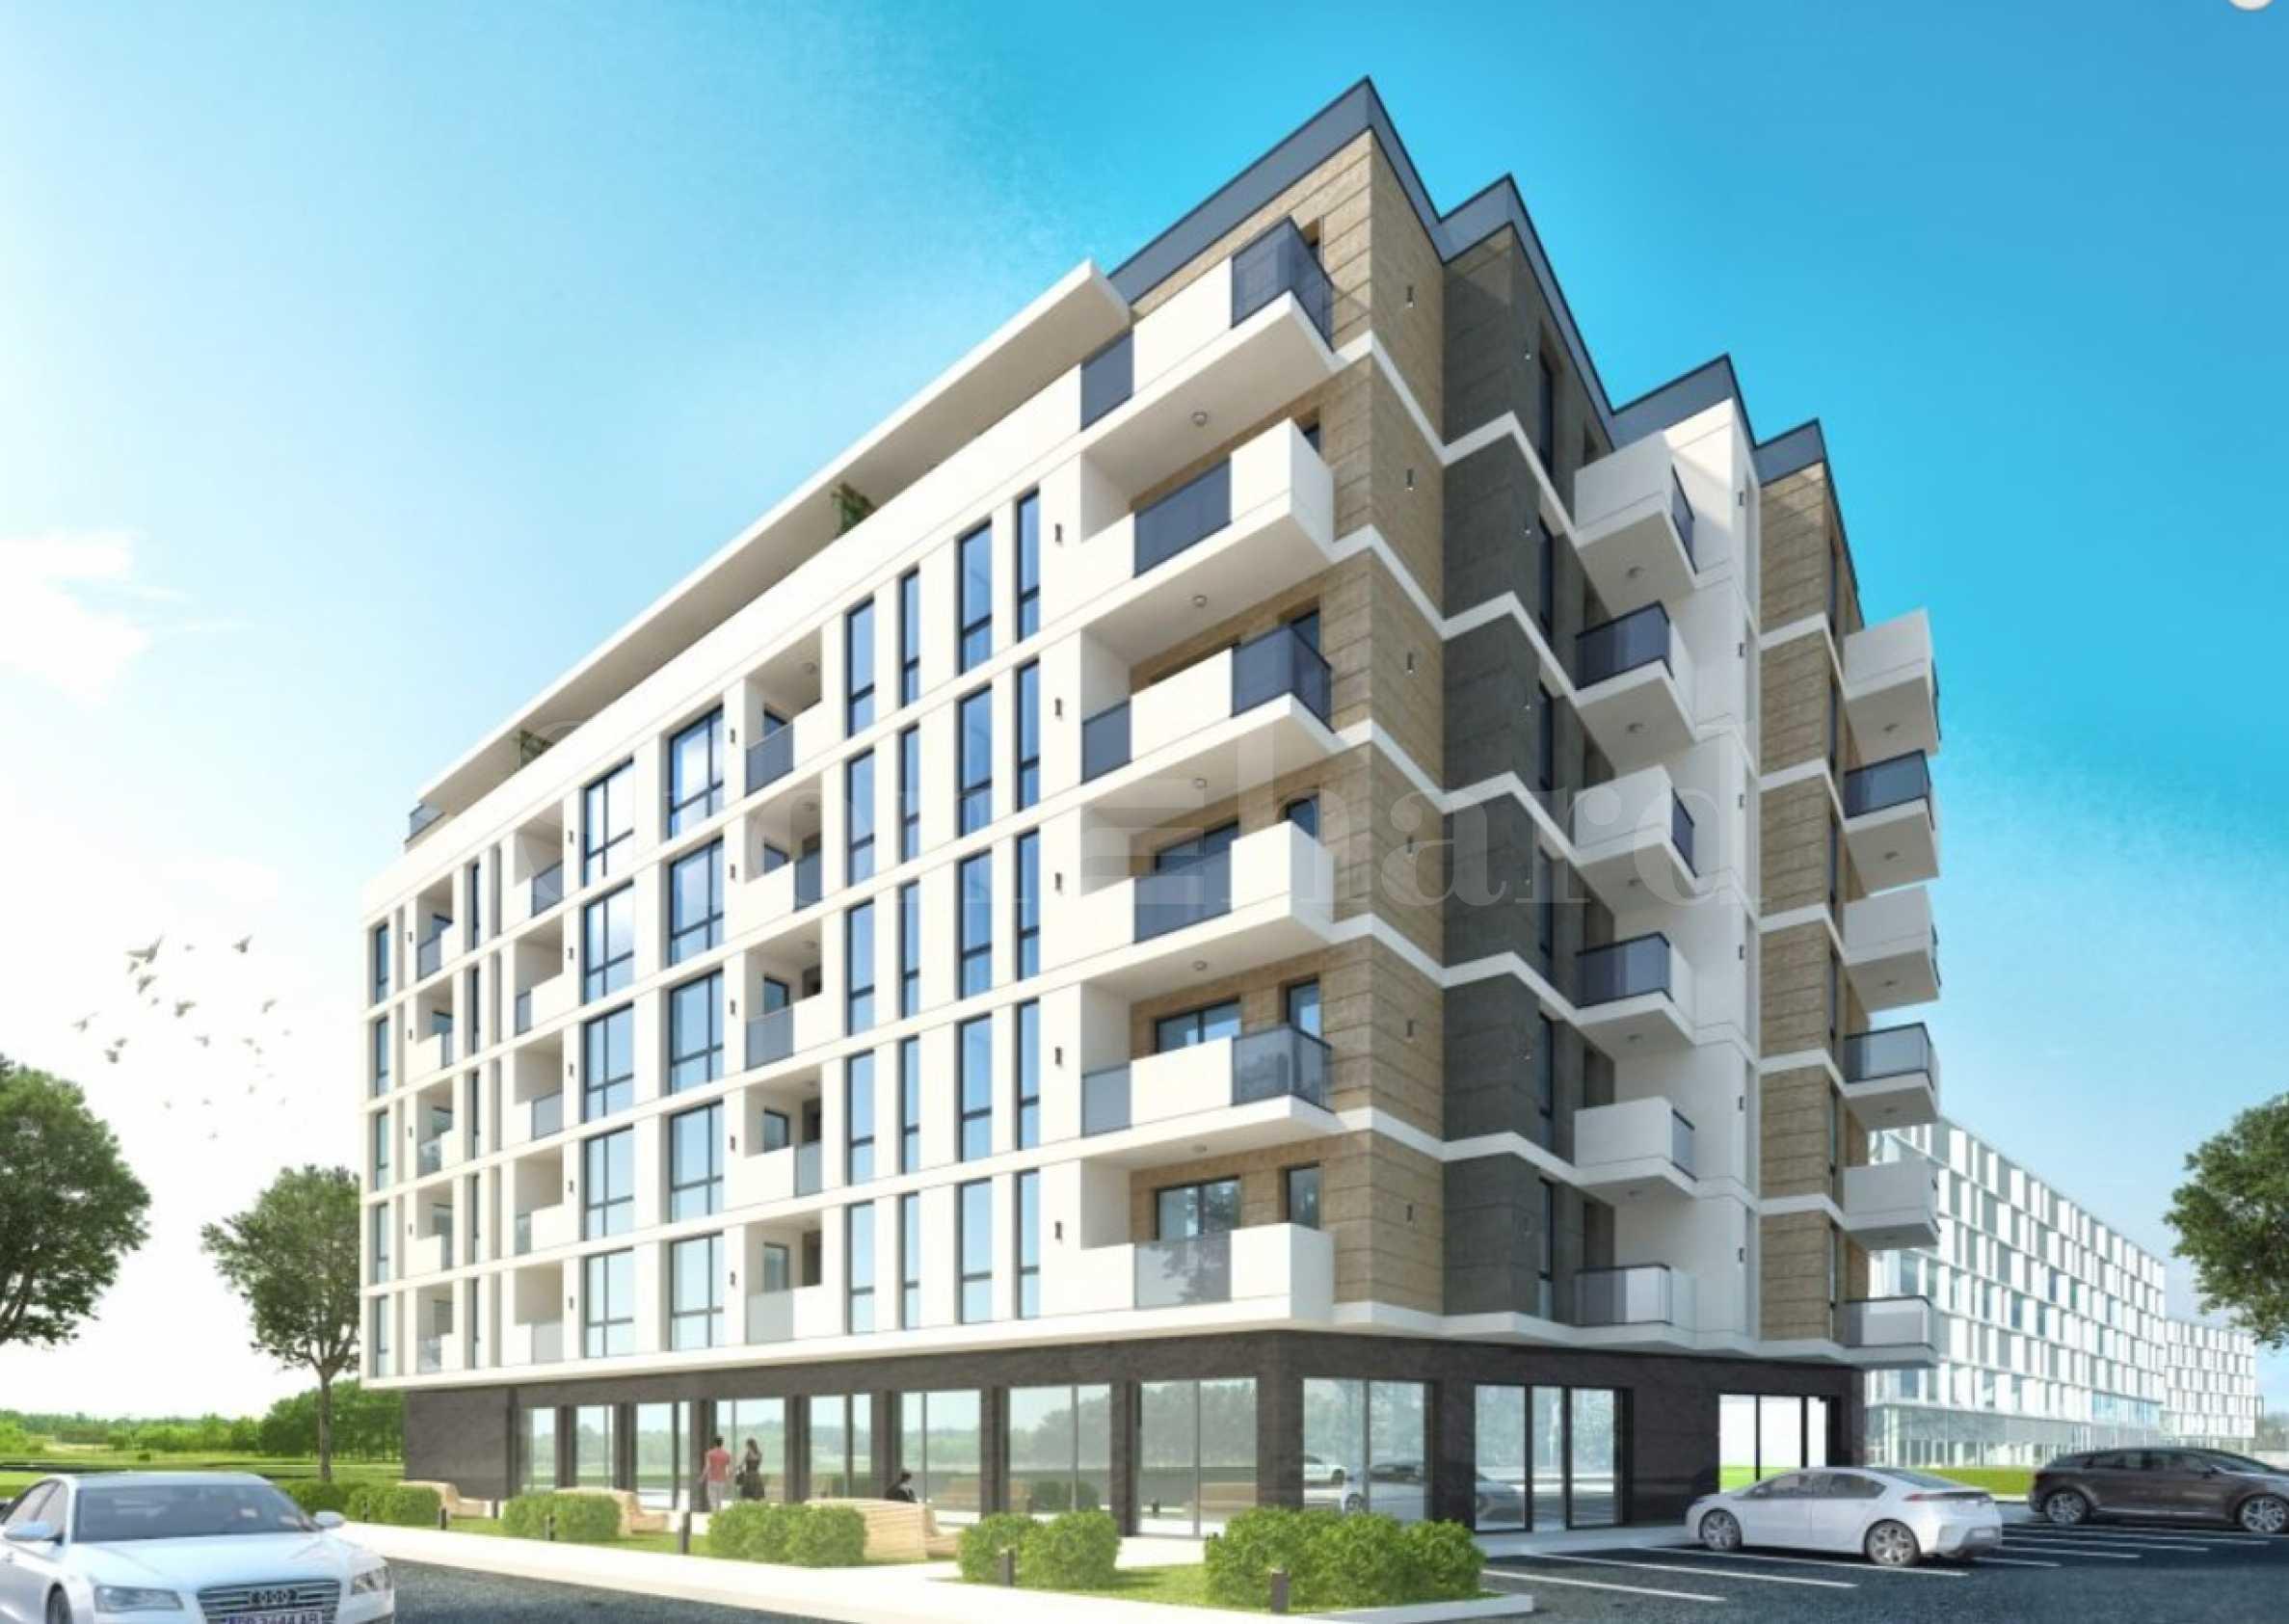 Нови апартаменти на цени от 540 евро/кв.м в спокоен квартал1 - Stonehard